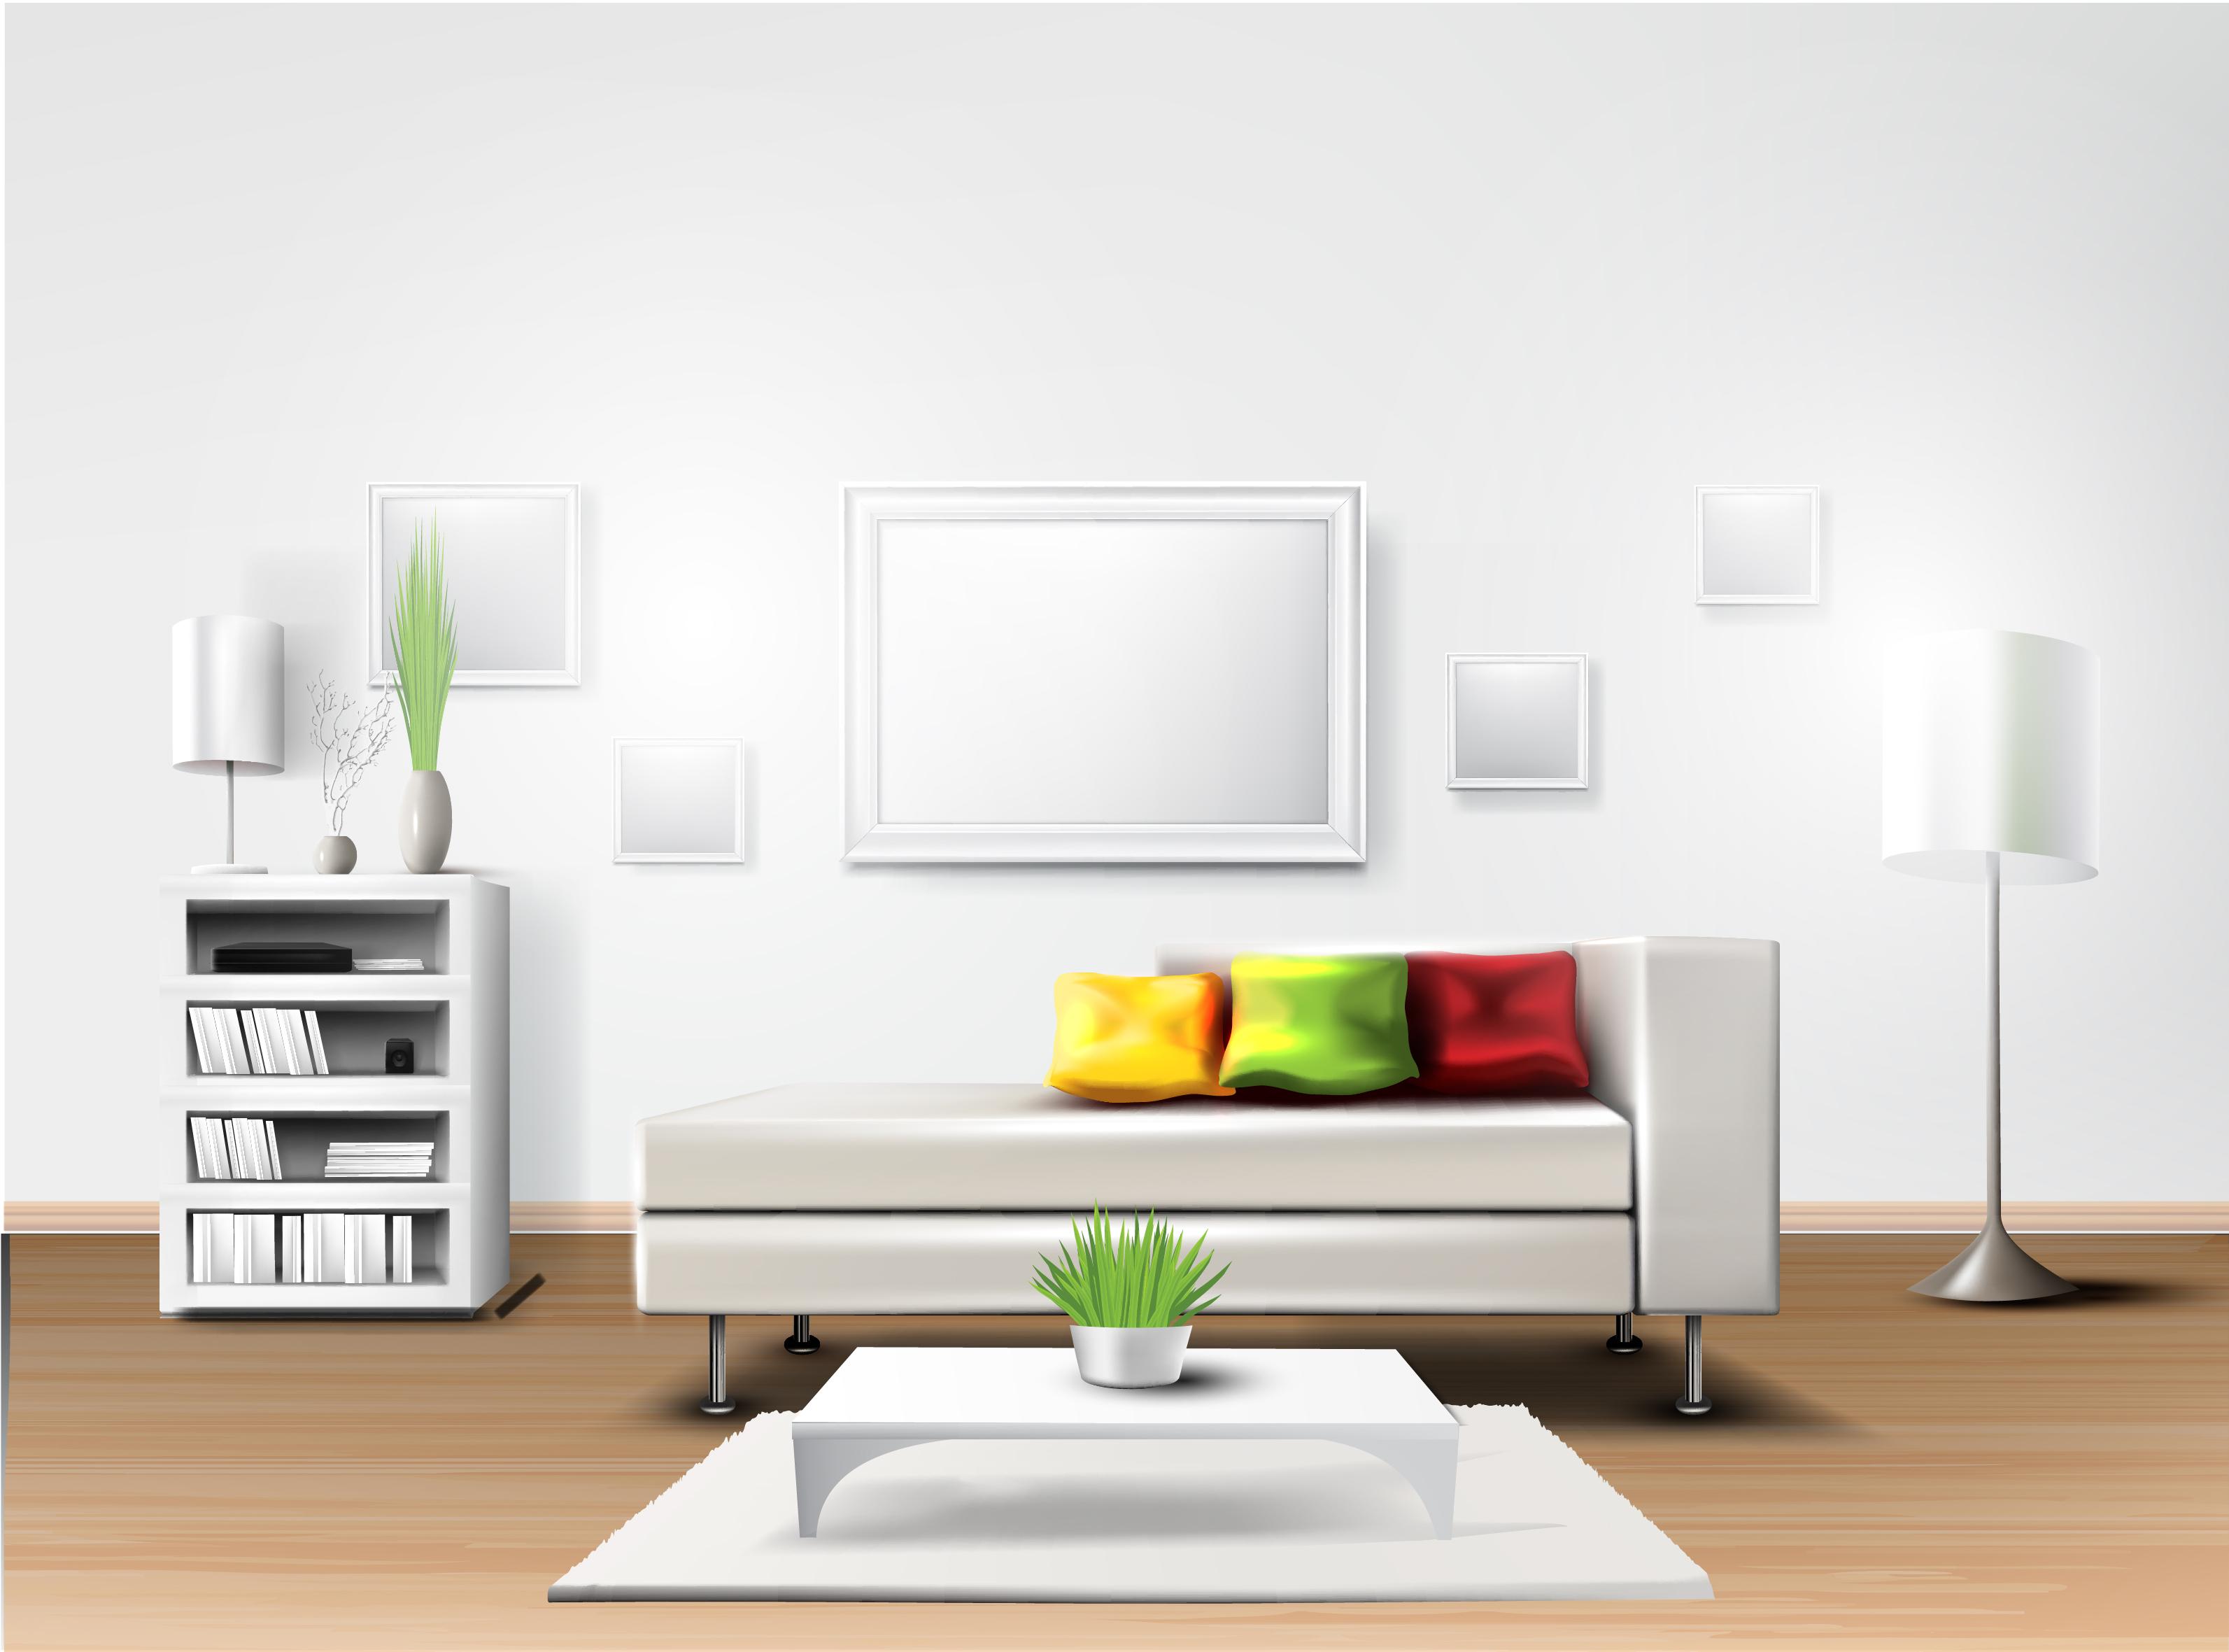 집 인테리어 소파 탁자 배경 소재, 거실, 실내, 장식 무료 다운로드를위한 배경 이미지